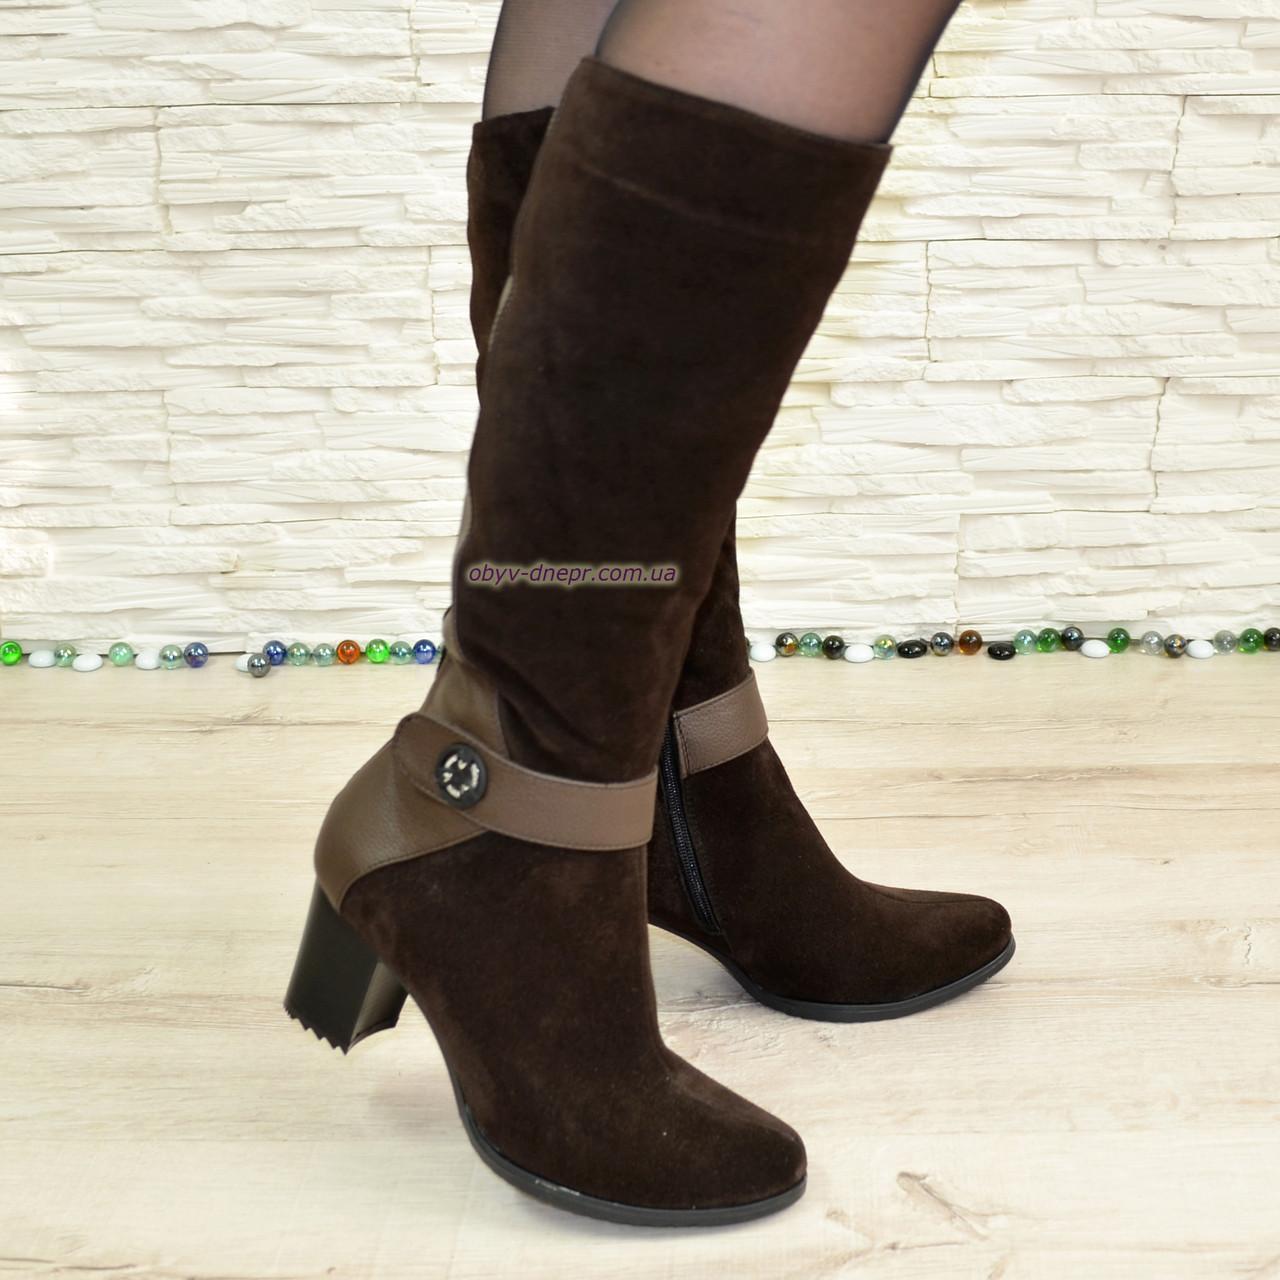 ed6a35282 Сапоги коричневые зимние женские на невысоком каблуке, натуральная кожа и  замша. - Интернет-